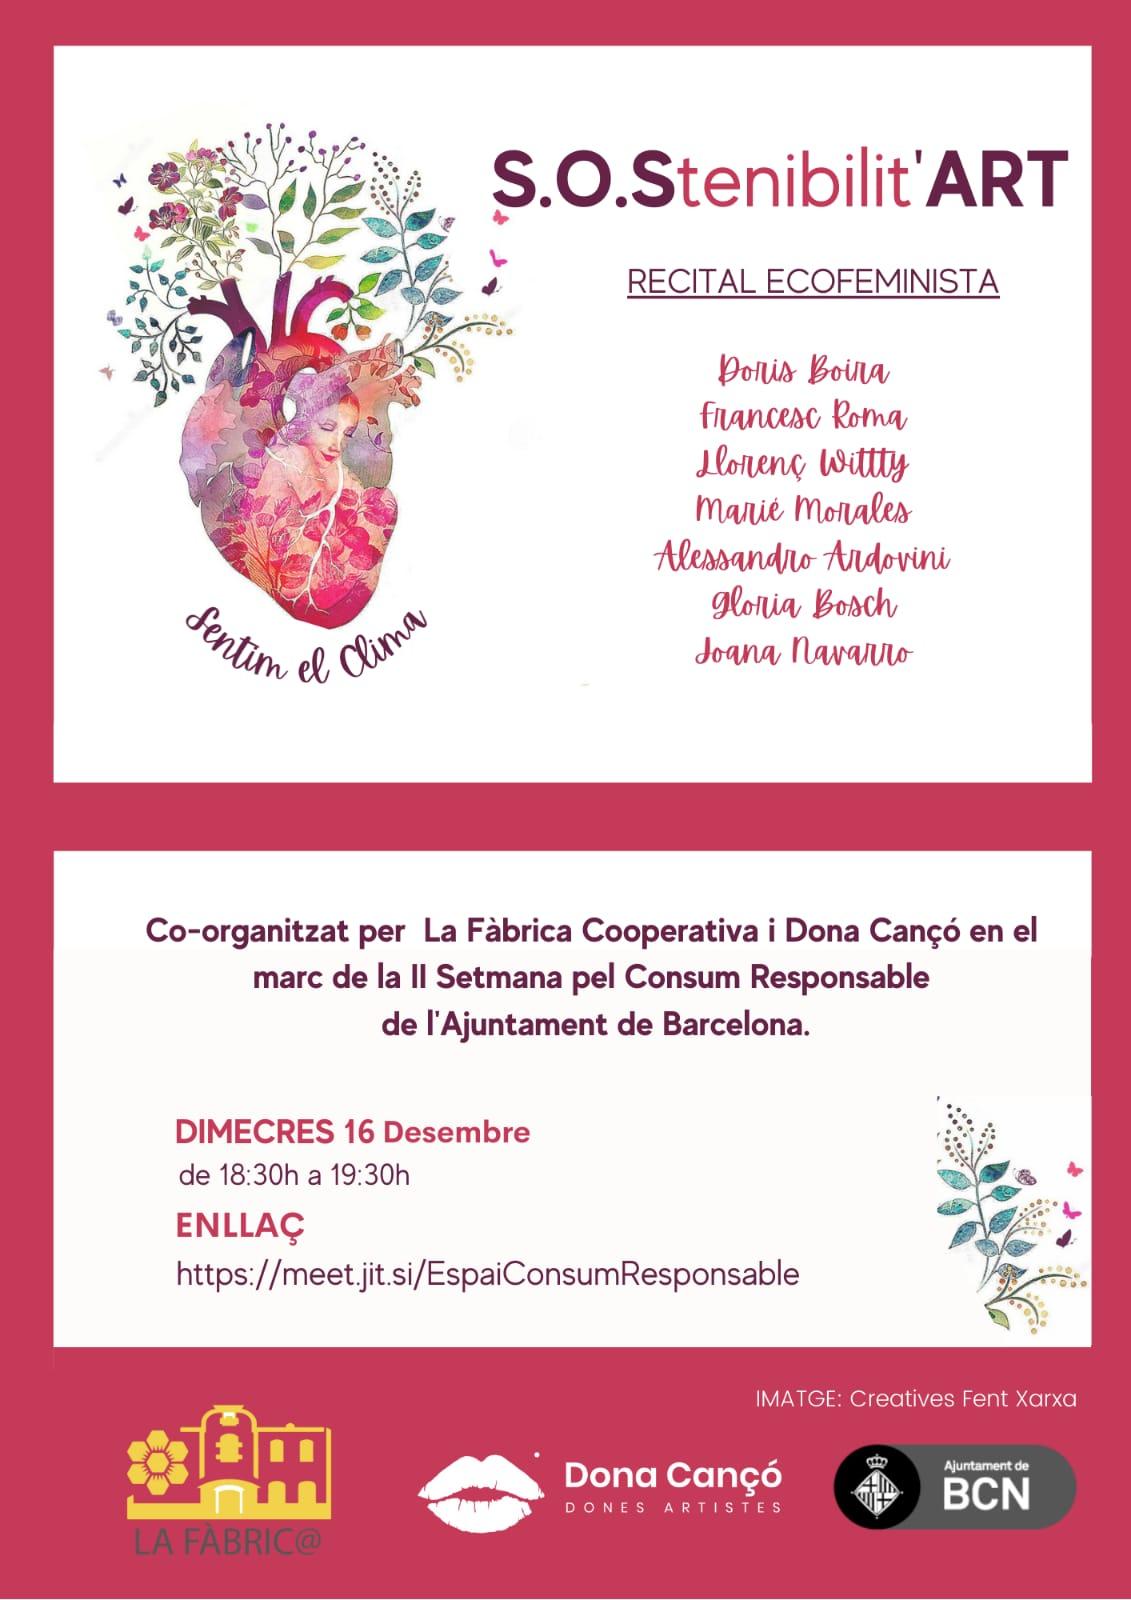 Presentación La Rueda Recital Ecofeminista S.O.Stenibilit'ART